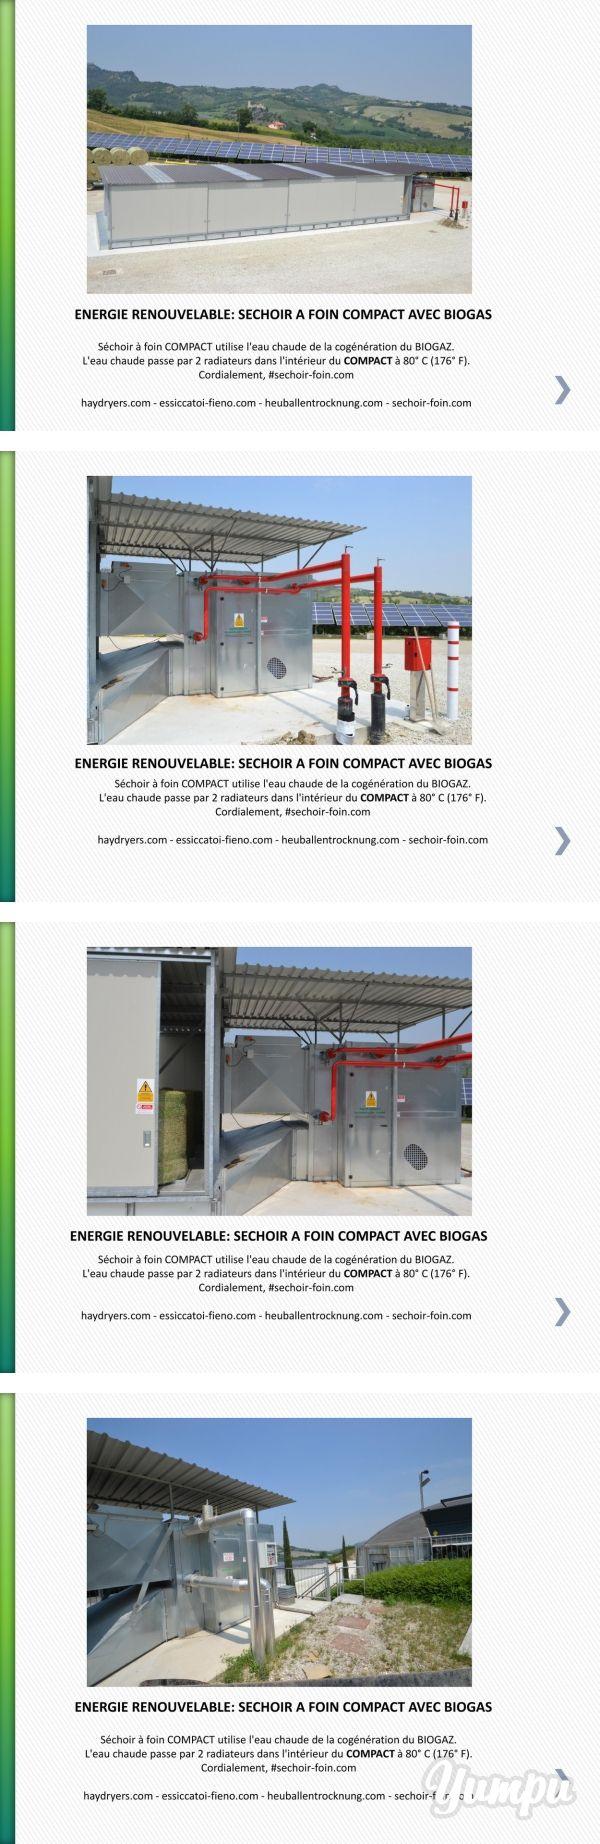 ENERGIE RENOUVELABLE: SECHOIR A FOIN COMPACT AVEC BIOGAS - Magazine with 9 pages:  Séchoir à foin COMPACT utilise l'eau chaude de la cogénération du BIOGAZ. L'eau chaude passe par 2 radiateurs dans l'intérieur duCOMPACTà 80° C (176° F).  Cordialement, #sechoir-foin.com   haydryers.com - essiccatoi-fieno.com - heuballentrocknung.com - sechoir-foin.com